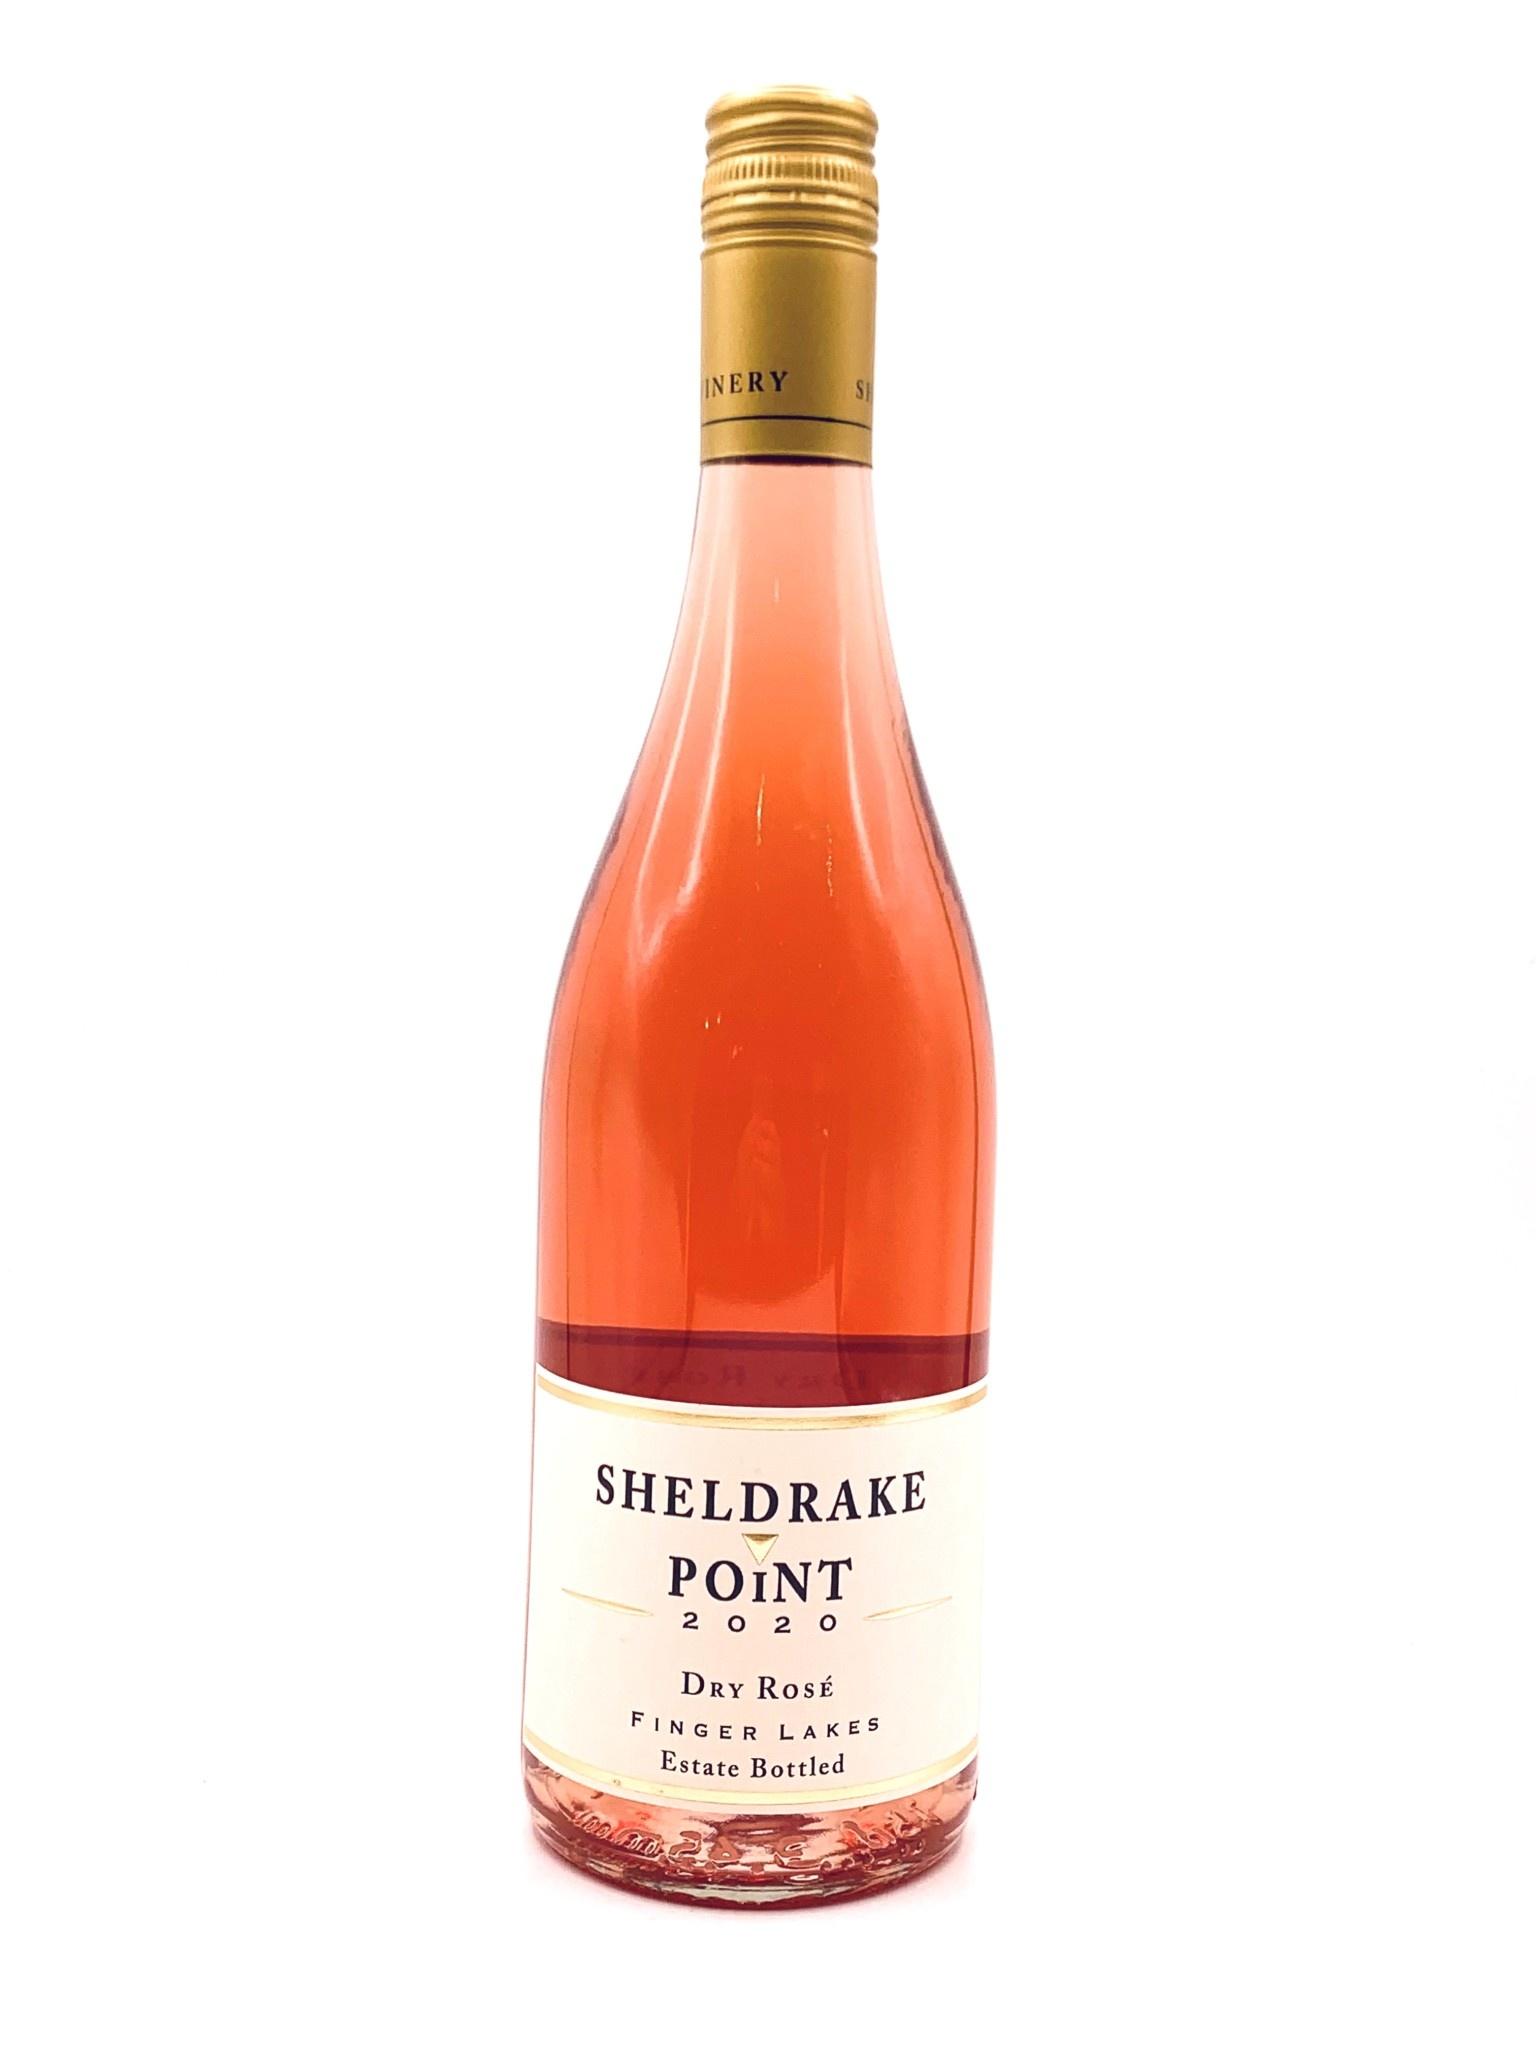 Finger Lakes Rosé 2020 Sheldrake Point Winery 750ml